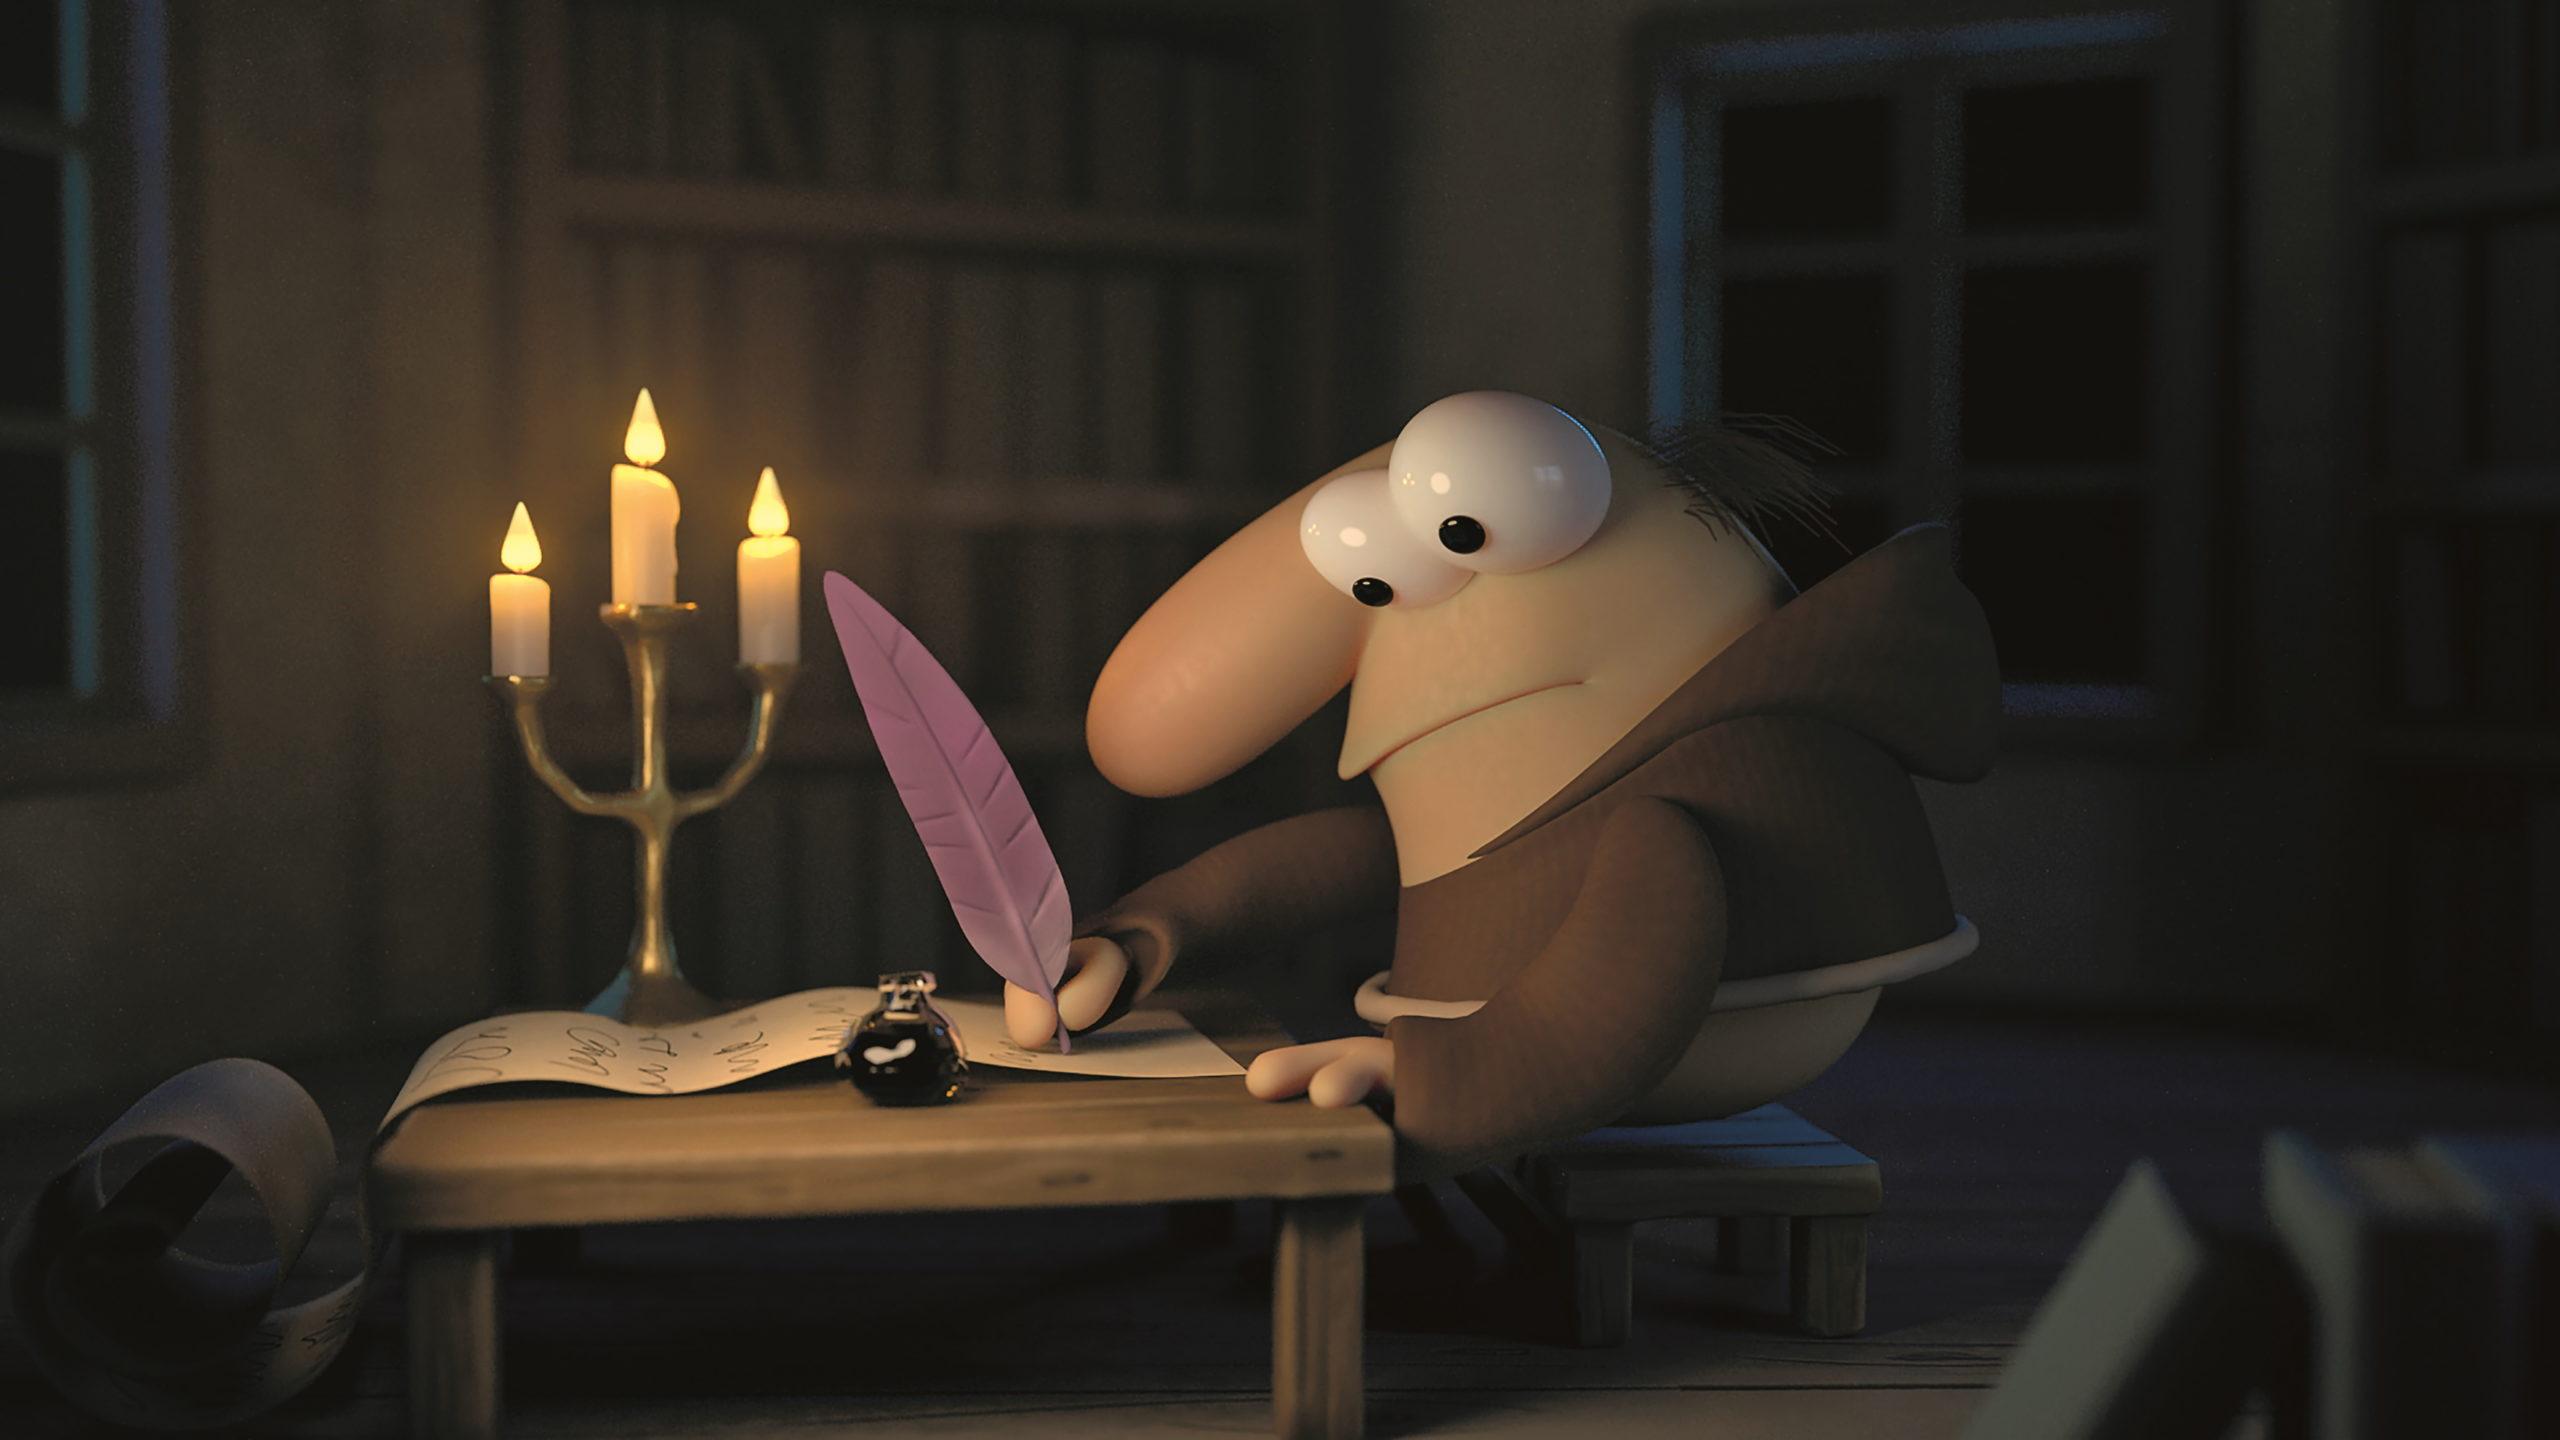 Das Licht der Kerzenflammen erzeugten die Artists mit animierten Geometrien, einem emissiven Shader sowie softem Glow.